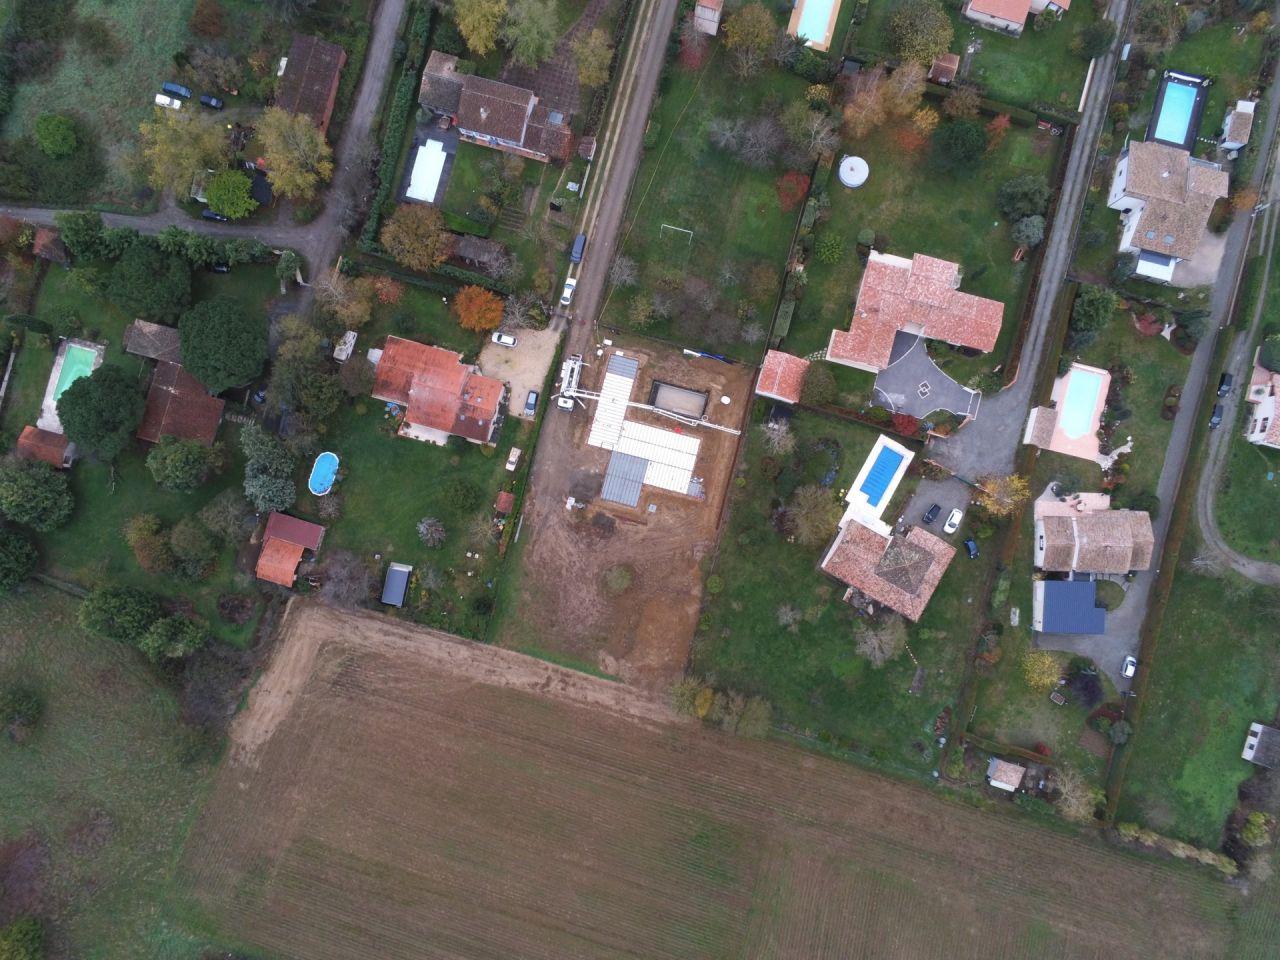 vue du drone - arrivée de la pompe PUMI 32M  <br /> Objectif : couler les fondations de la clôture et la dalle béton du vide sanitaire & Bloc Piscine <br />  <br /> 40M2 de béton pour cette phase <br /> 53M2 de béton sur la phase fondation maison & Piscine.